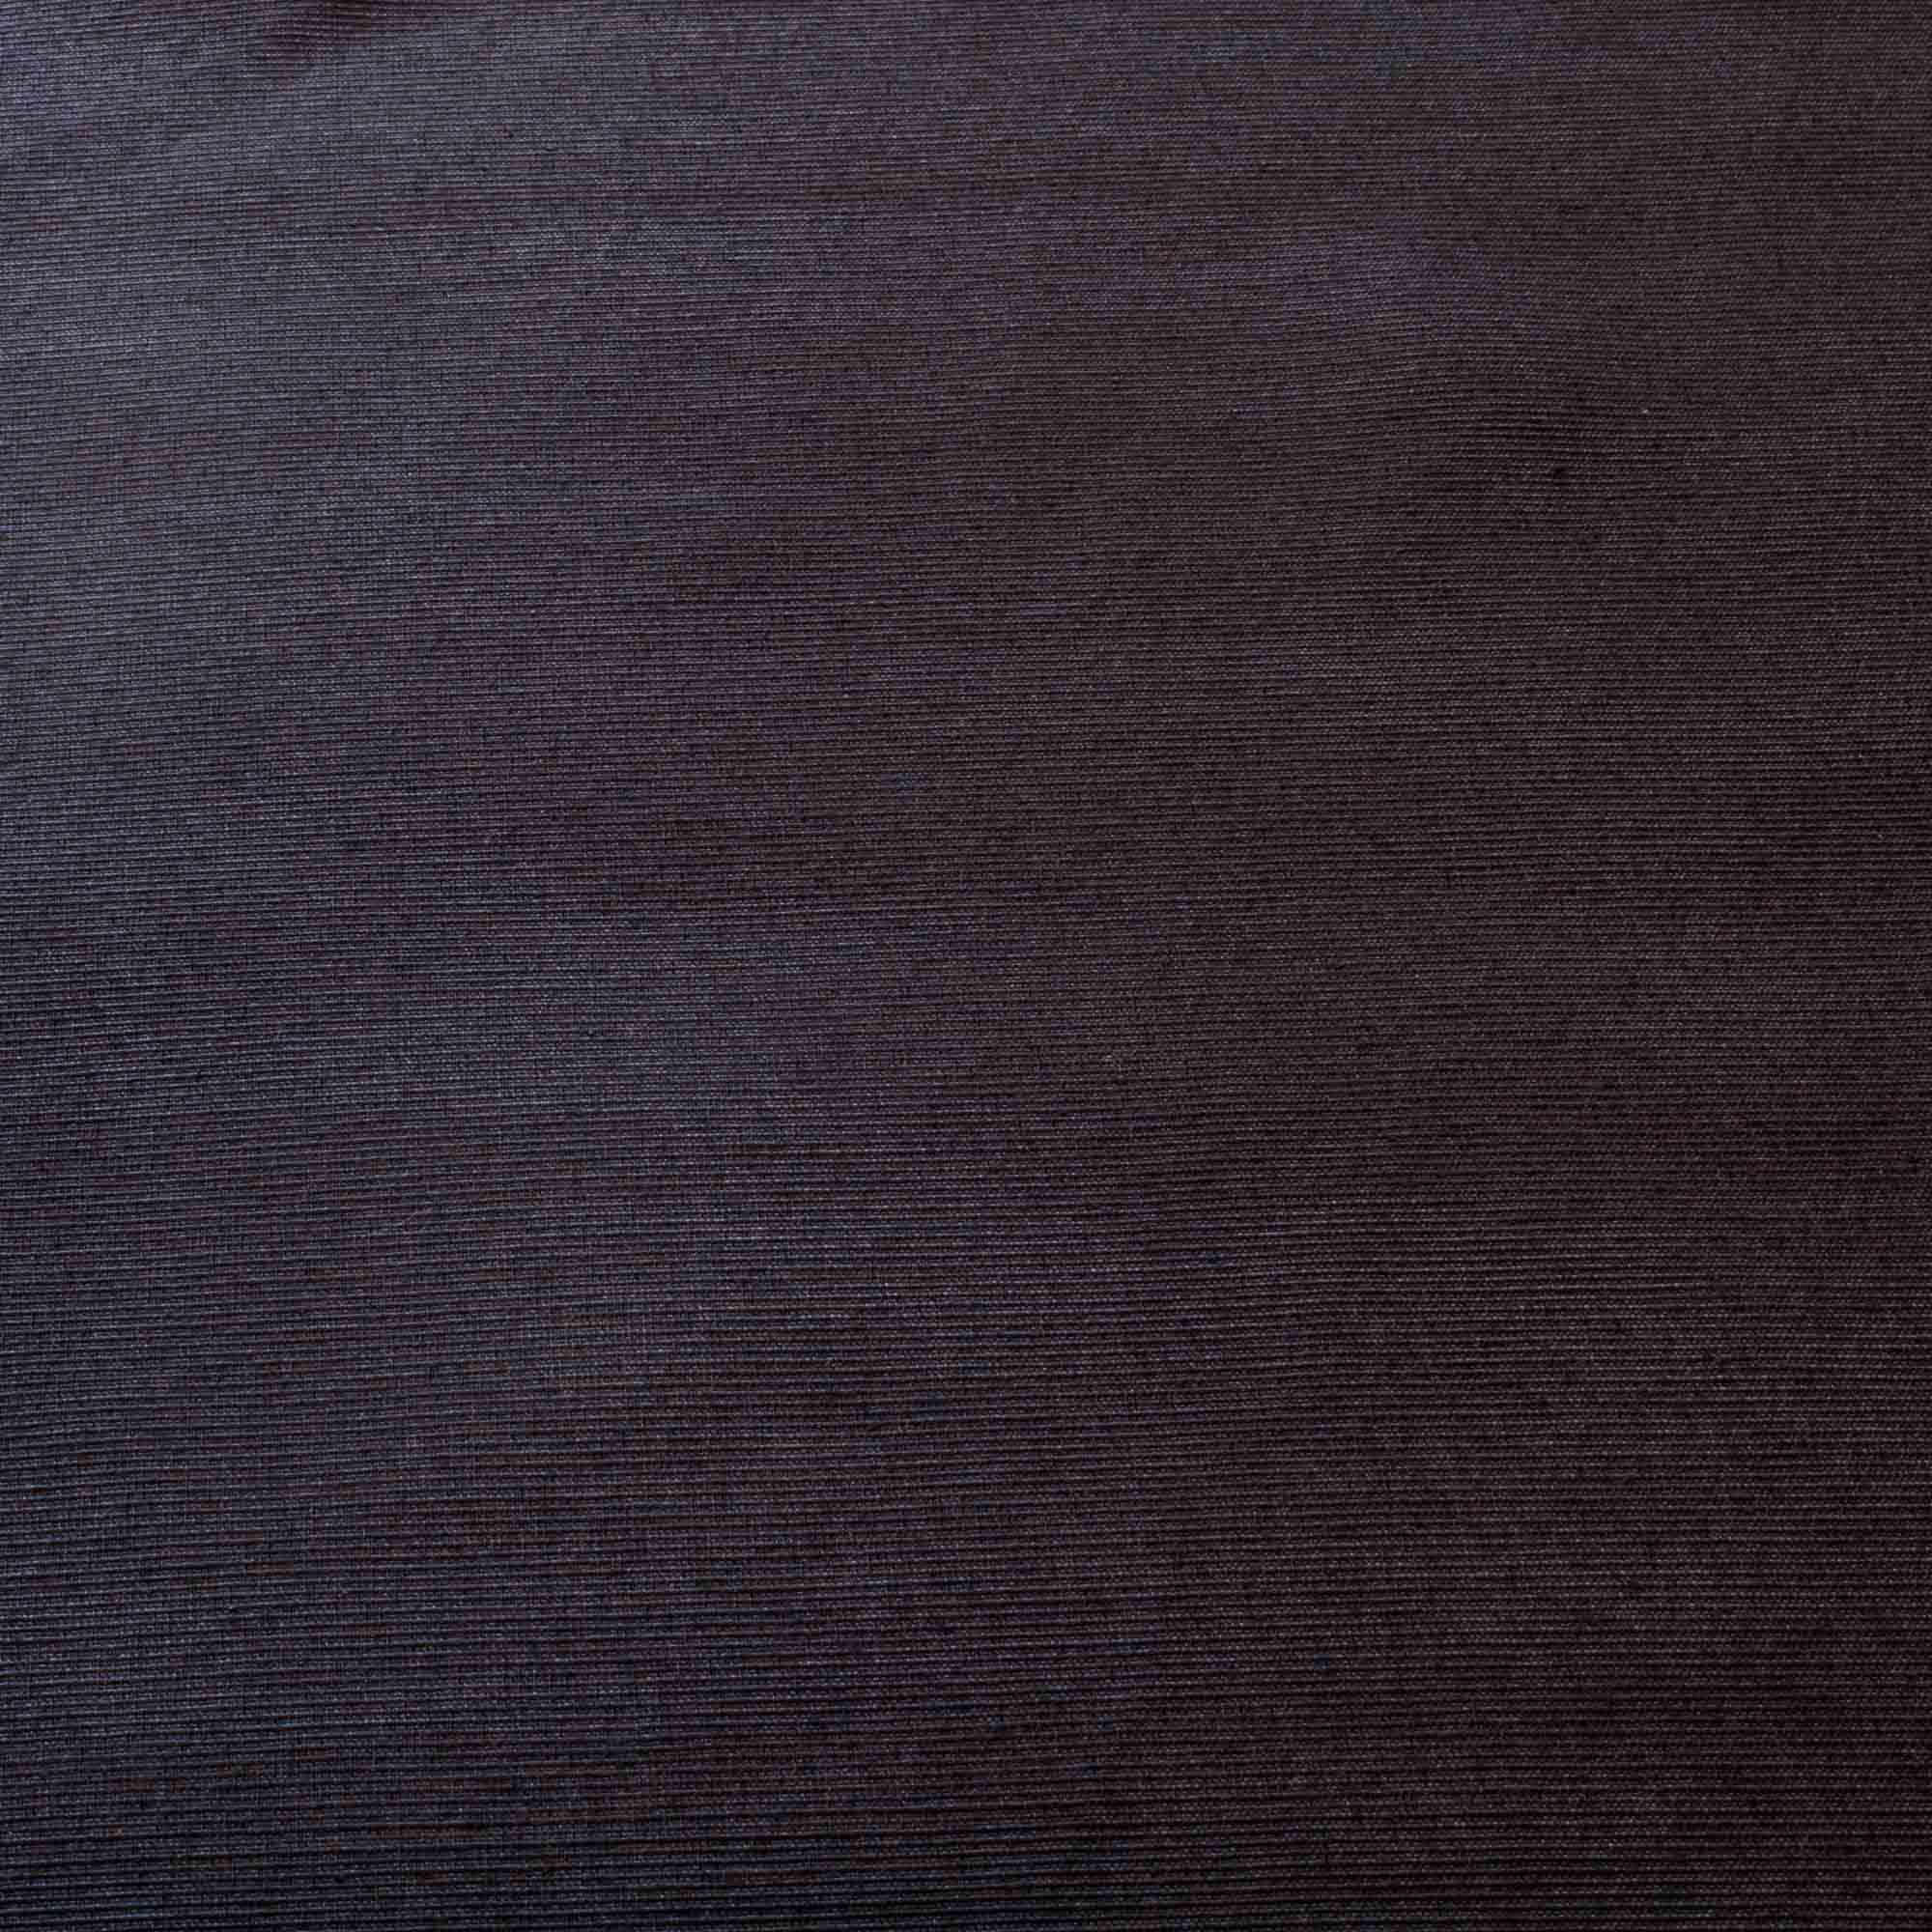 Tecido Gorgurinho Liso 1,50 m Largura Preto